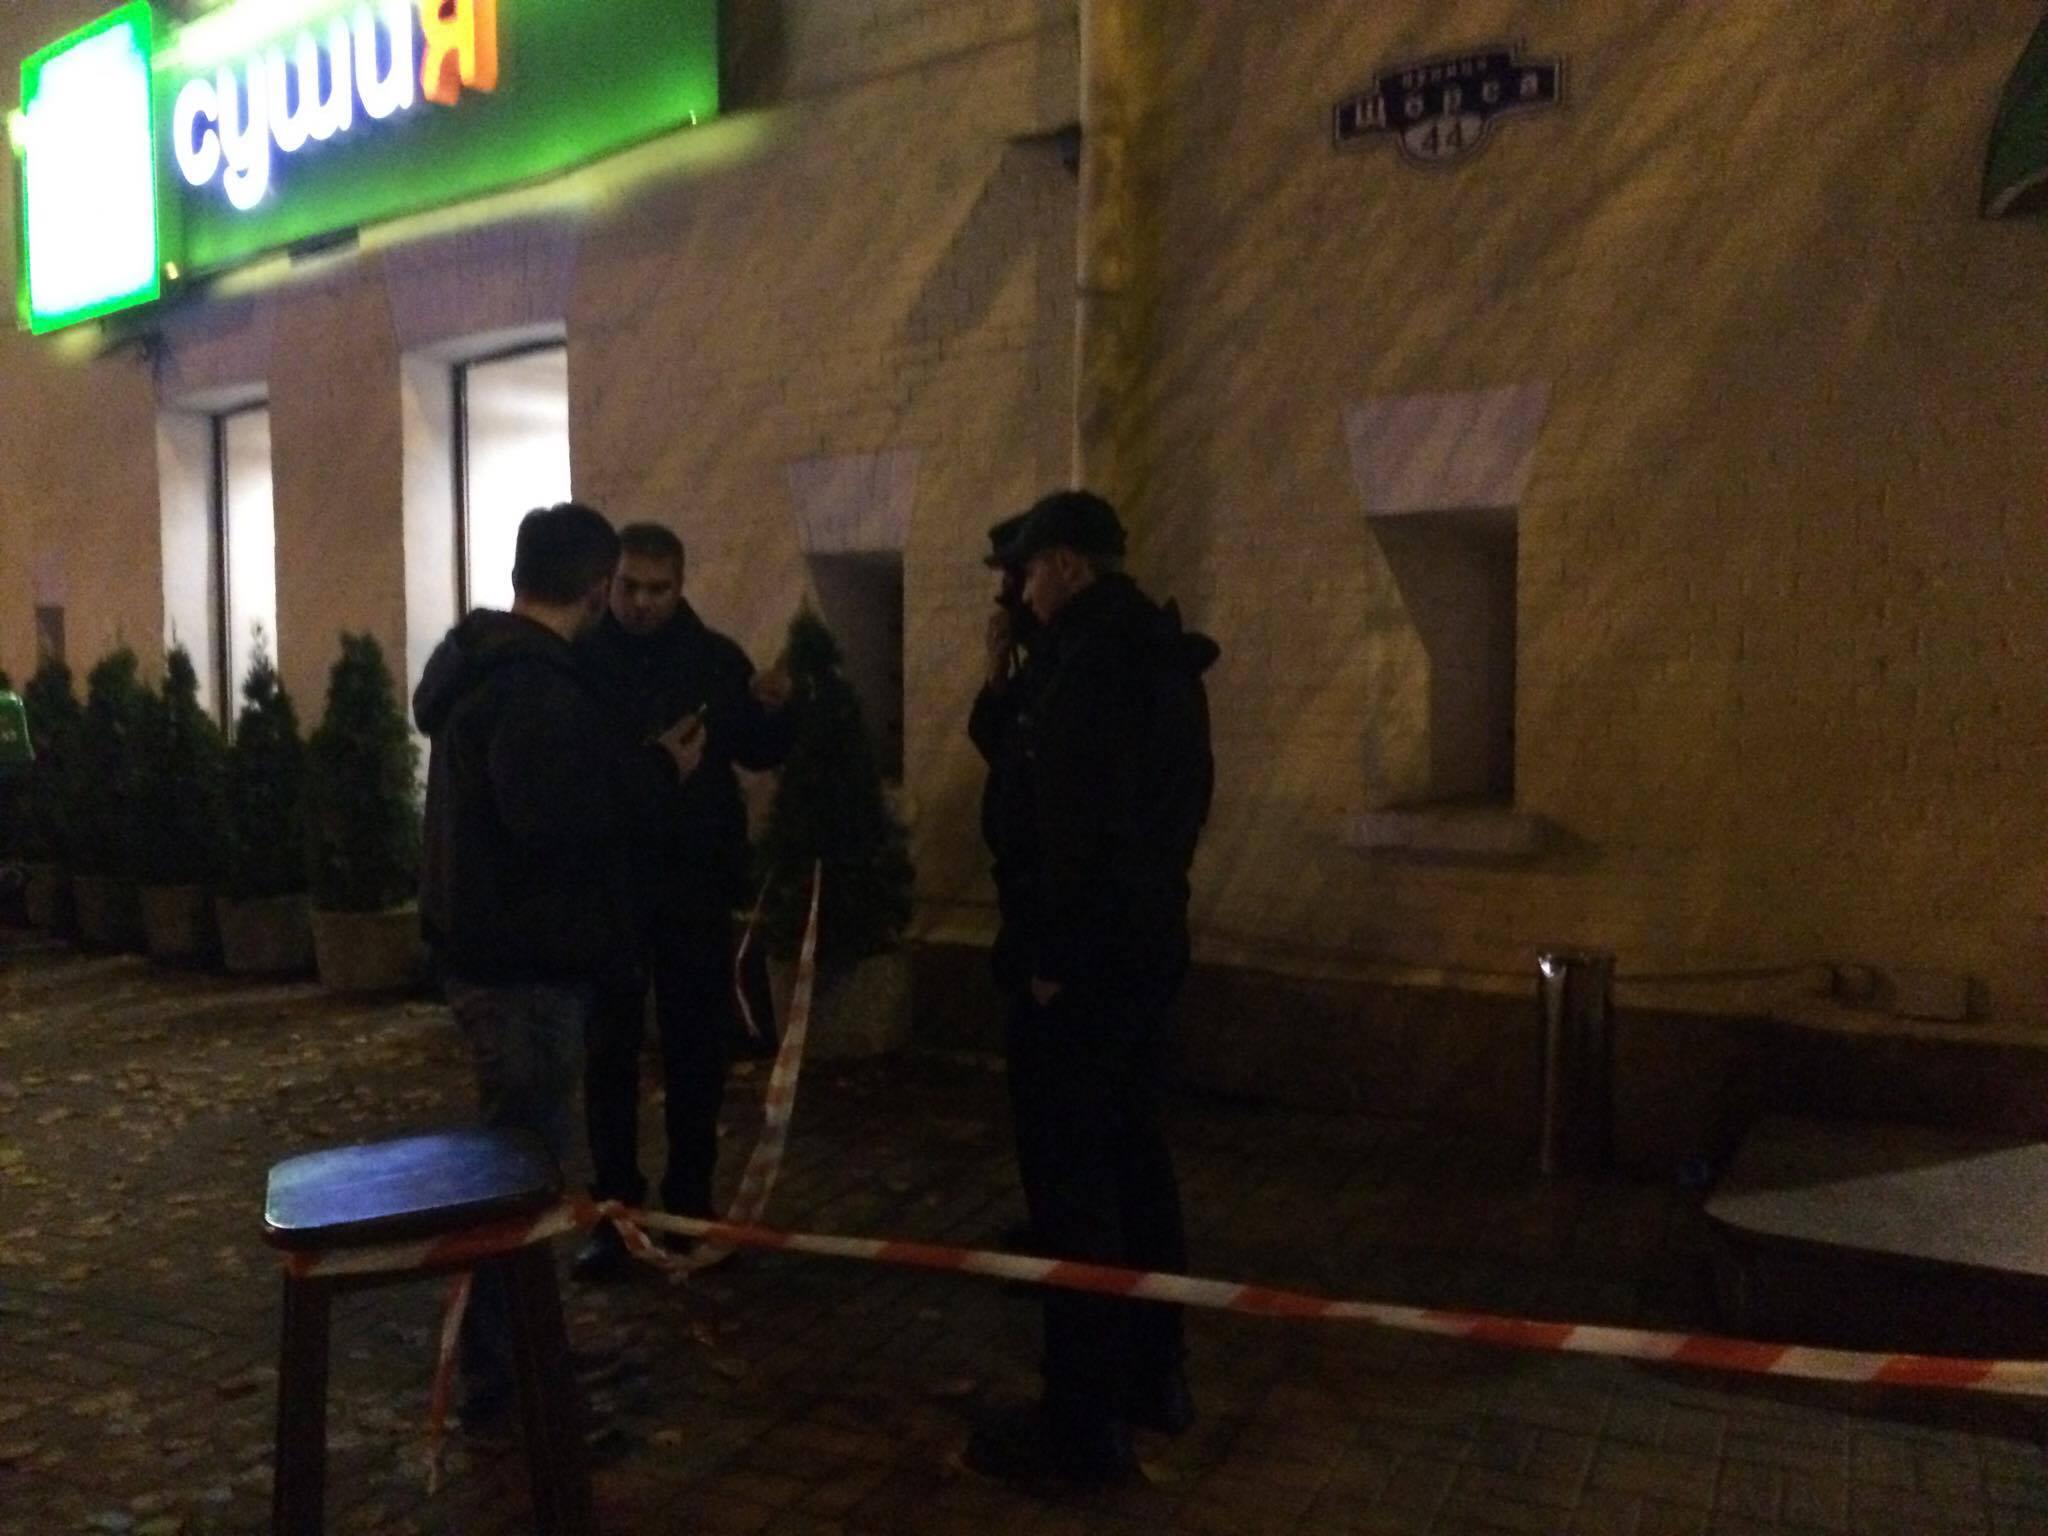 ВКиеве вресторане мужчине выстрелили вголову, его увезла «скорая»